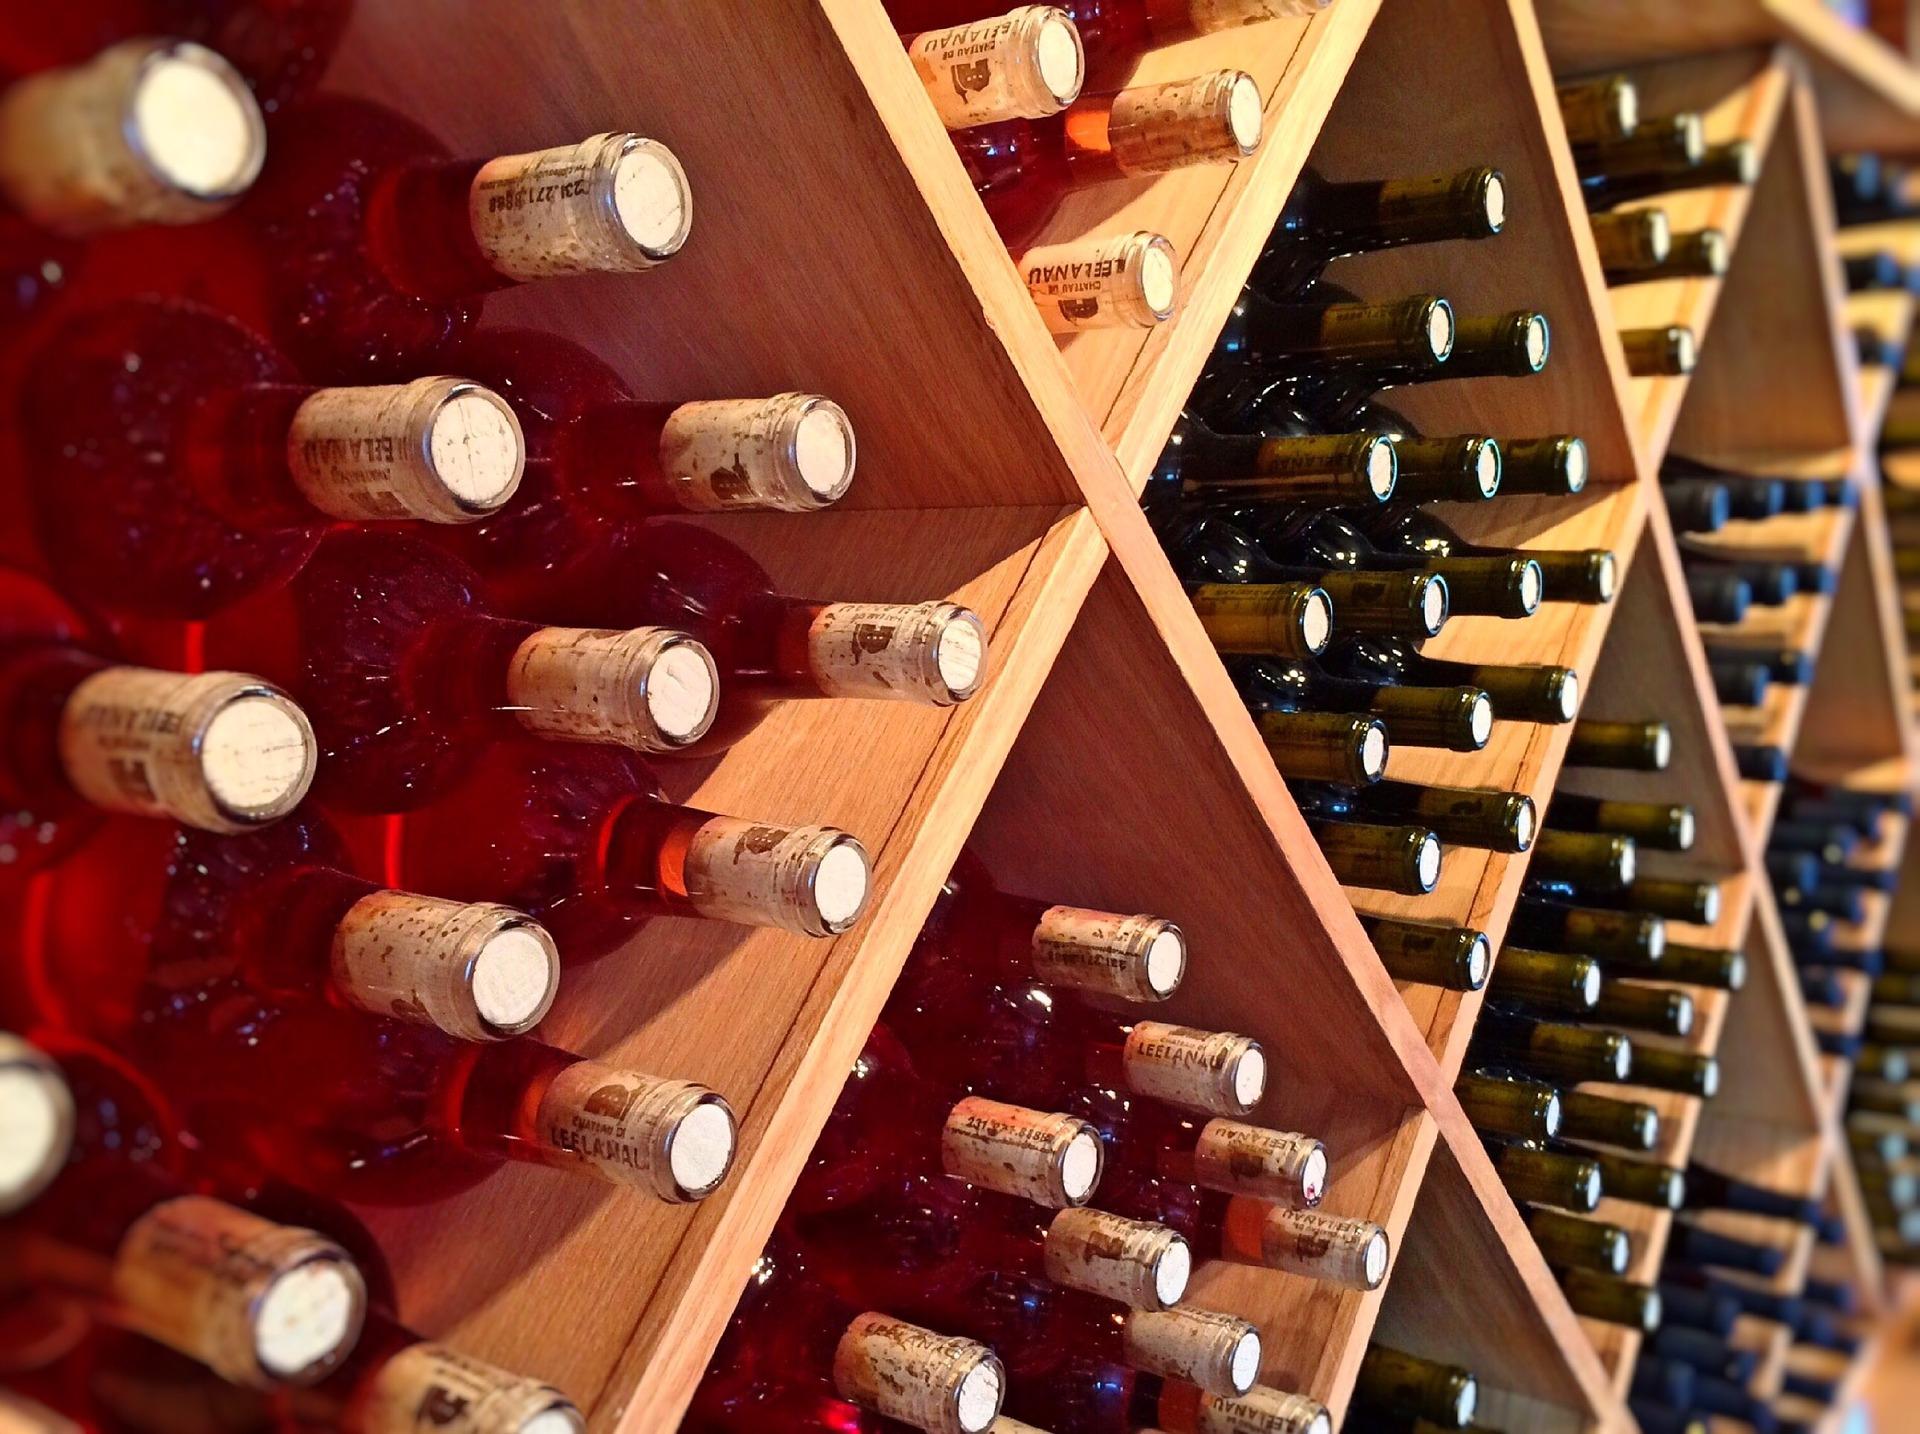 C mo se conserva correctamente el vino en casa vivanco - Muebles para poner botellas de vino ...